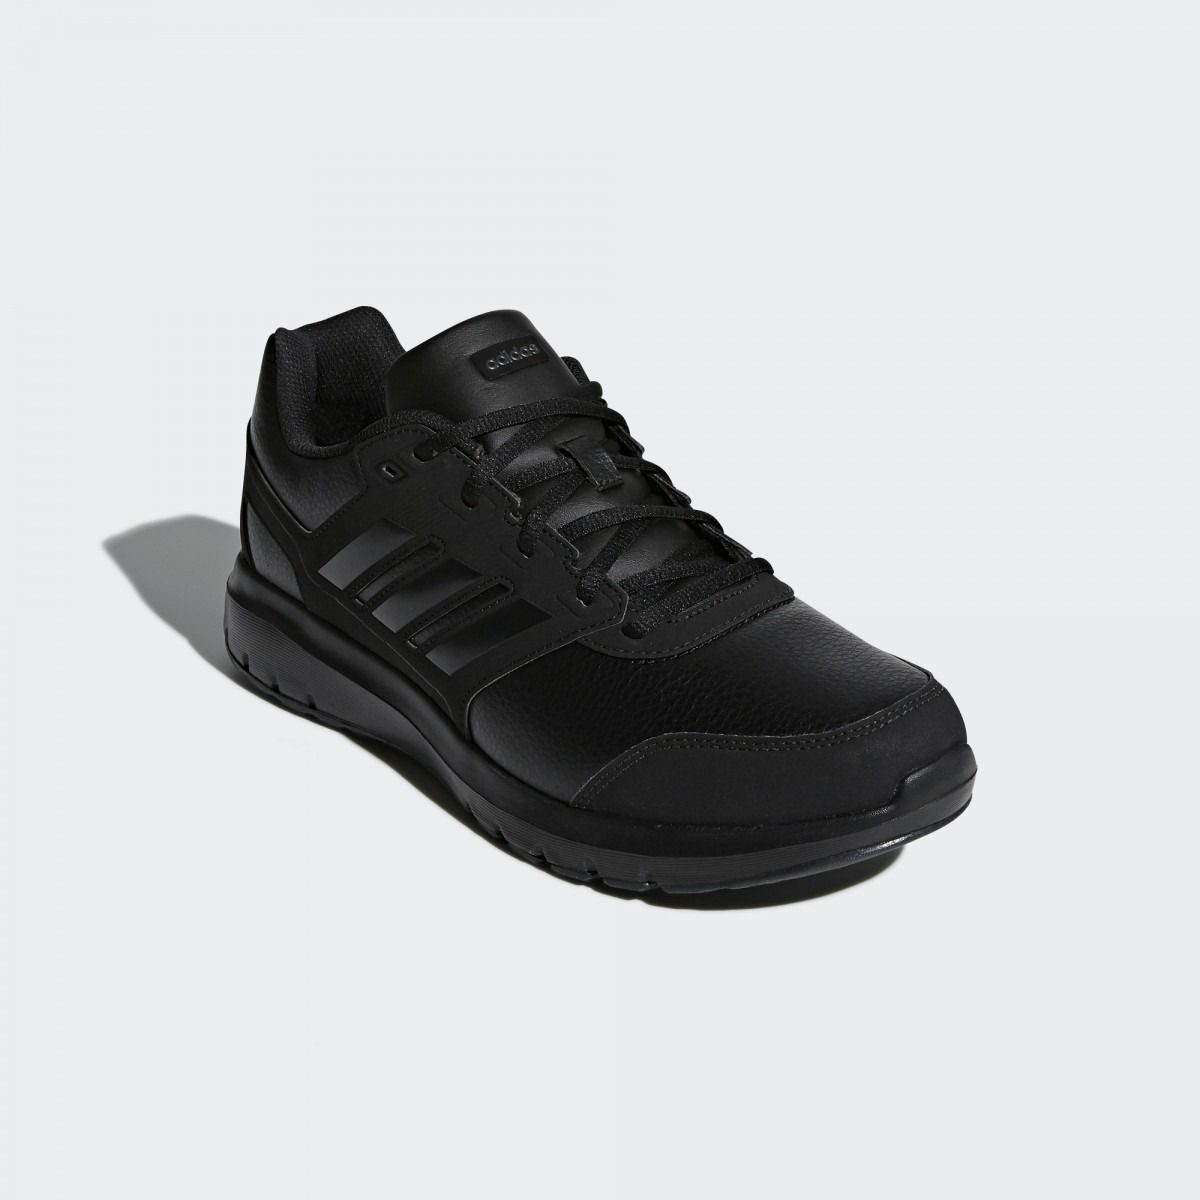 Tênis Adidas Duramo Lite 2.0 Masculino - Preto 14ddab63cf6ad